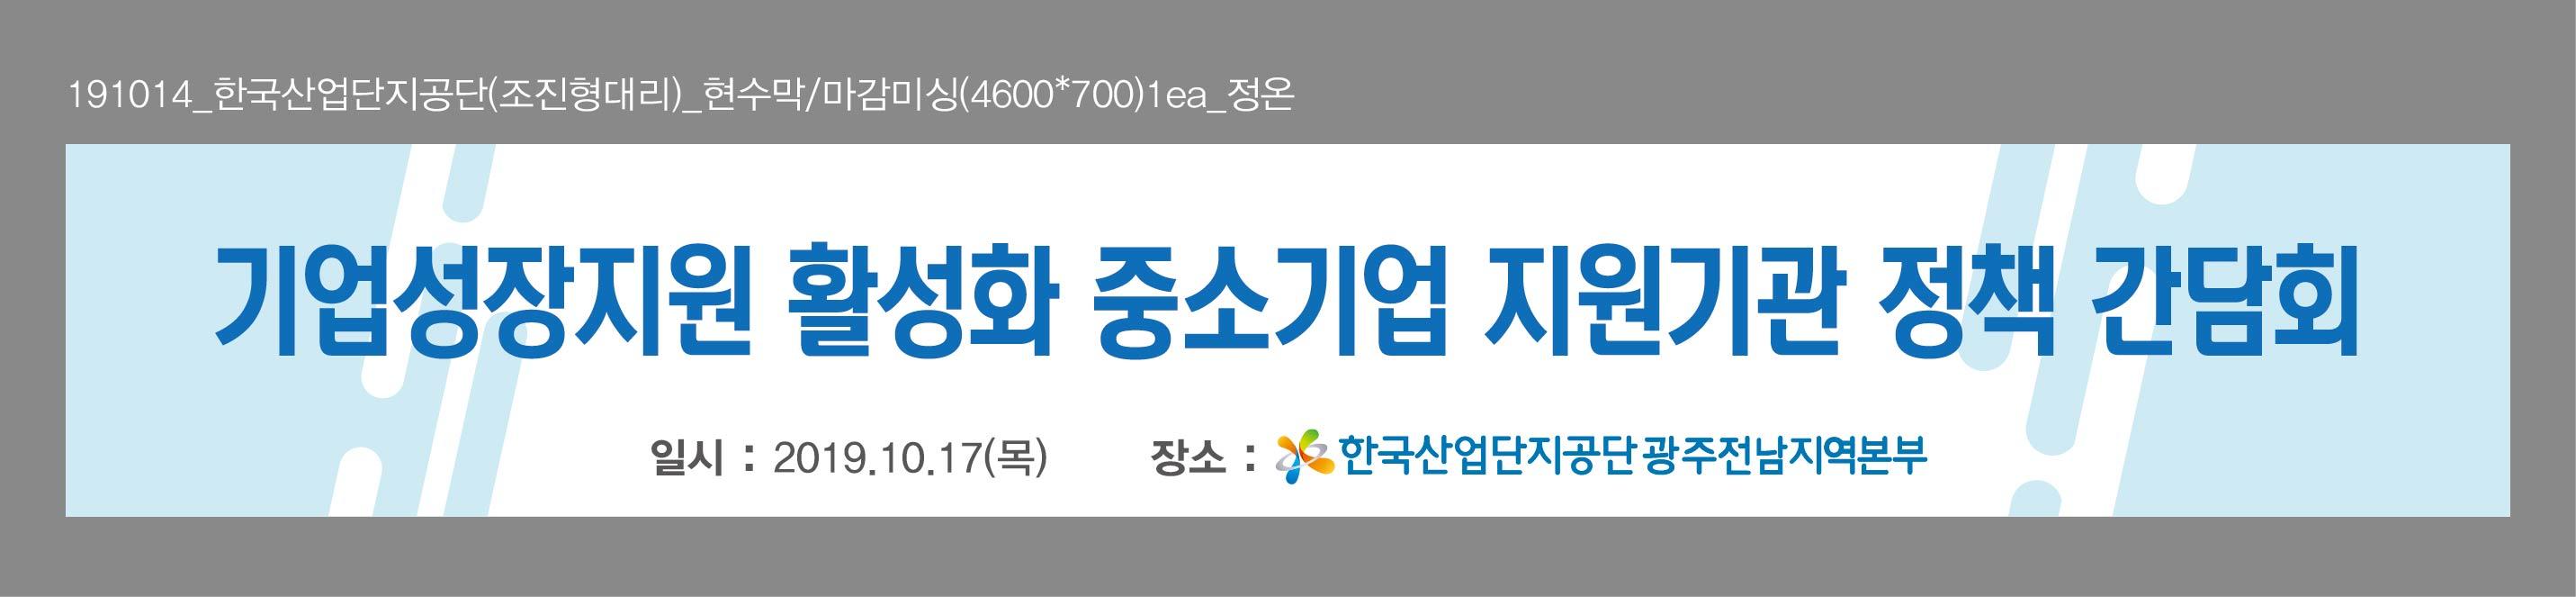 191014 한국산업단지공단(조진형)_현수막